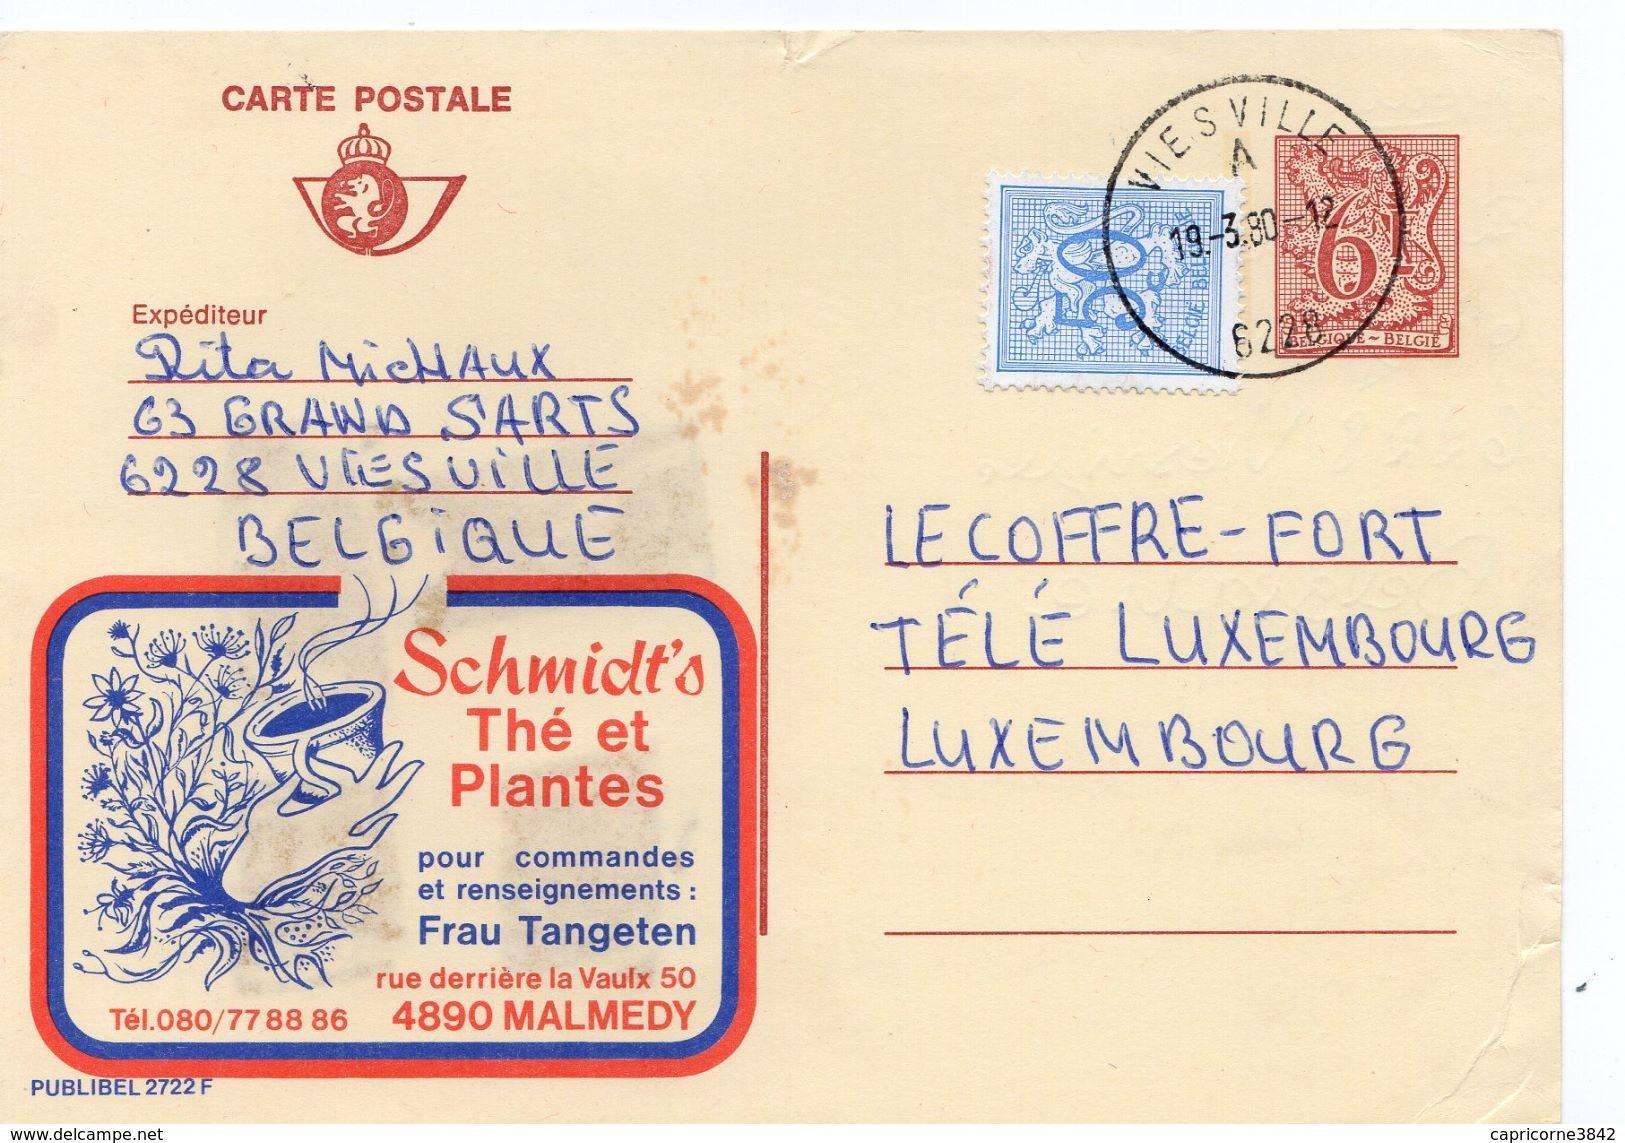 """1980 - Belgique - Publibel N°2722 Pub """"Thé Et Plantes Schmidt's"""" Tp 6fr + Complément D'affranchissement 50 Ct - Enteros Postales"""